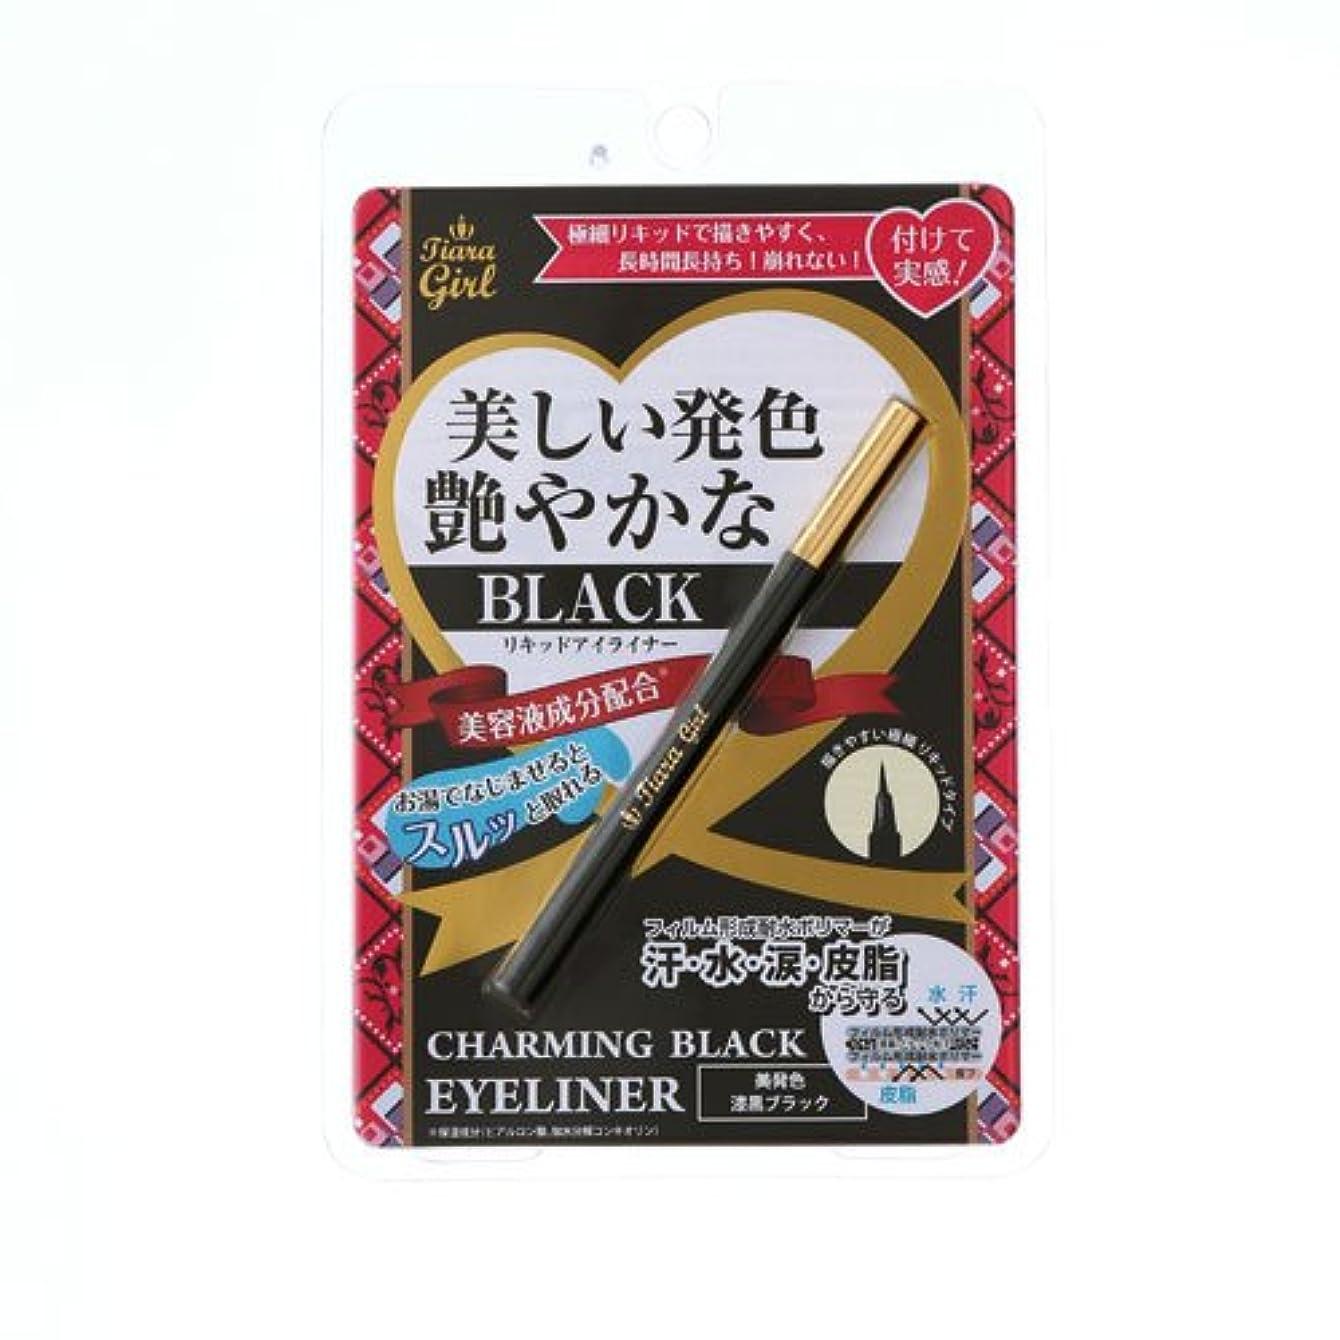 ずんぐりしたマウント発音お得な2本セット 美容液成分配合 ティアラガール チャーミング ブラック アイライナー 0.4g